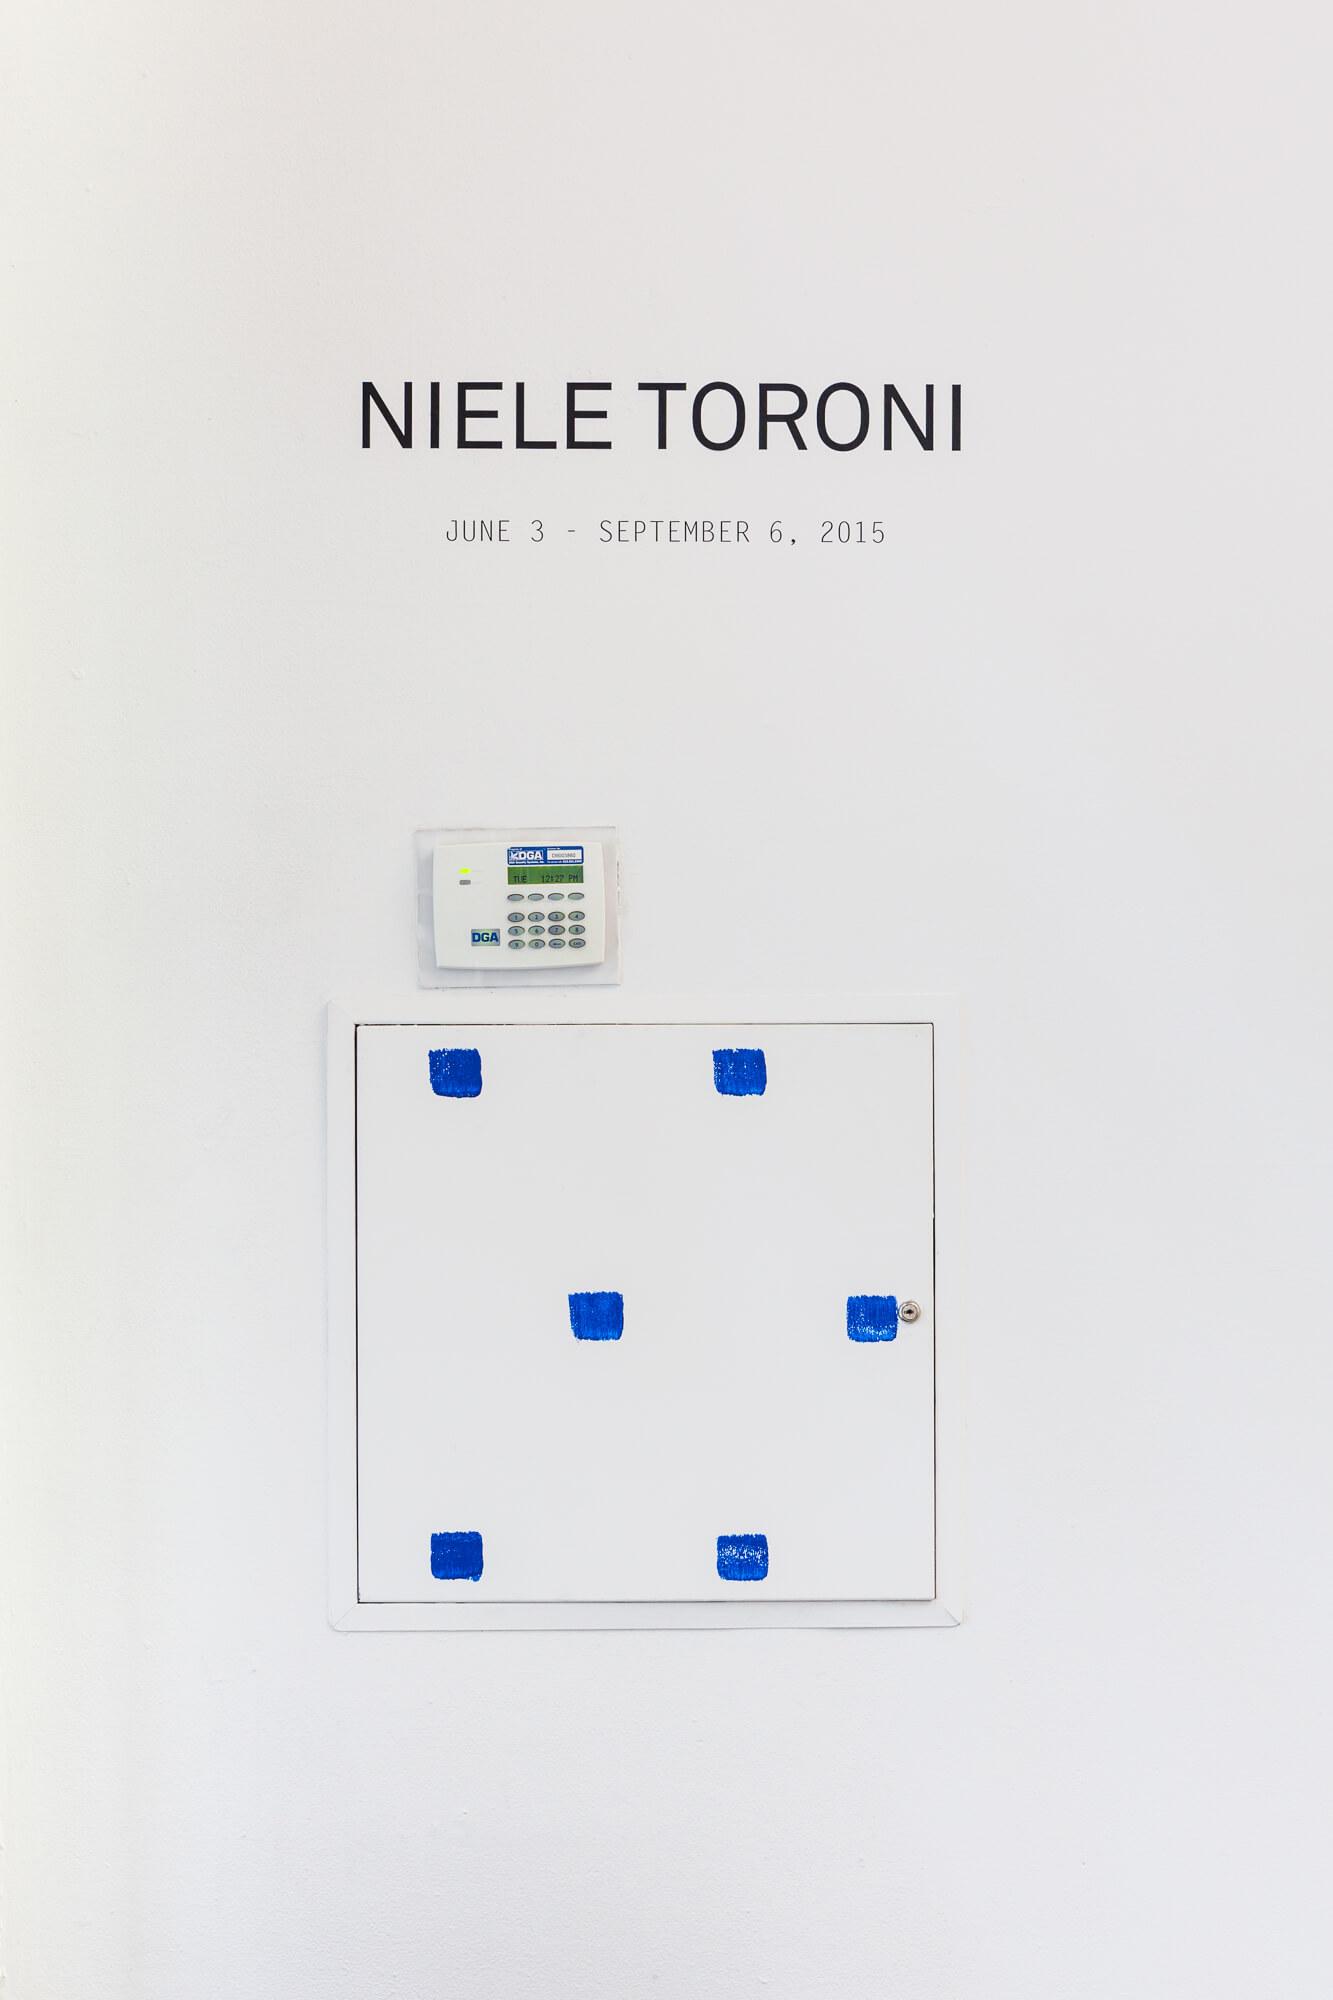 Niele Toroni